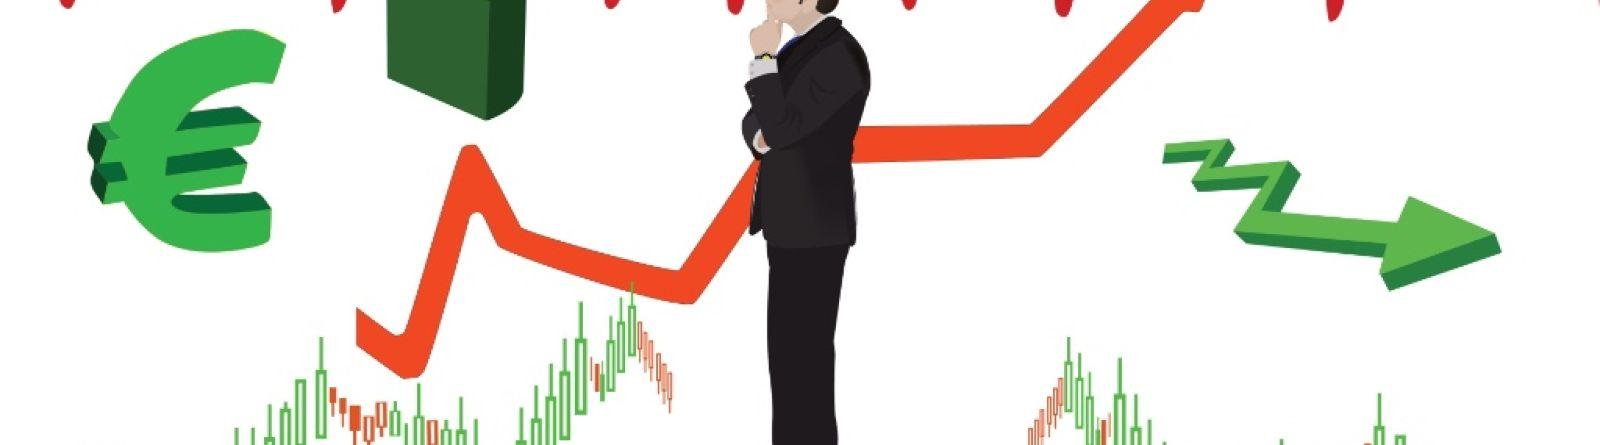 Volatilità, Cina e inflazione: i 3 fattori che ancora domineranno nel breve termine